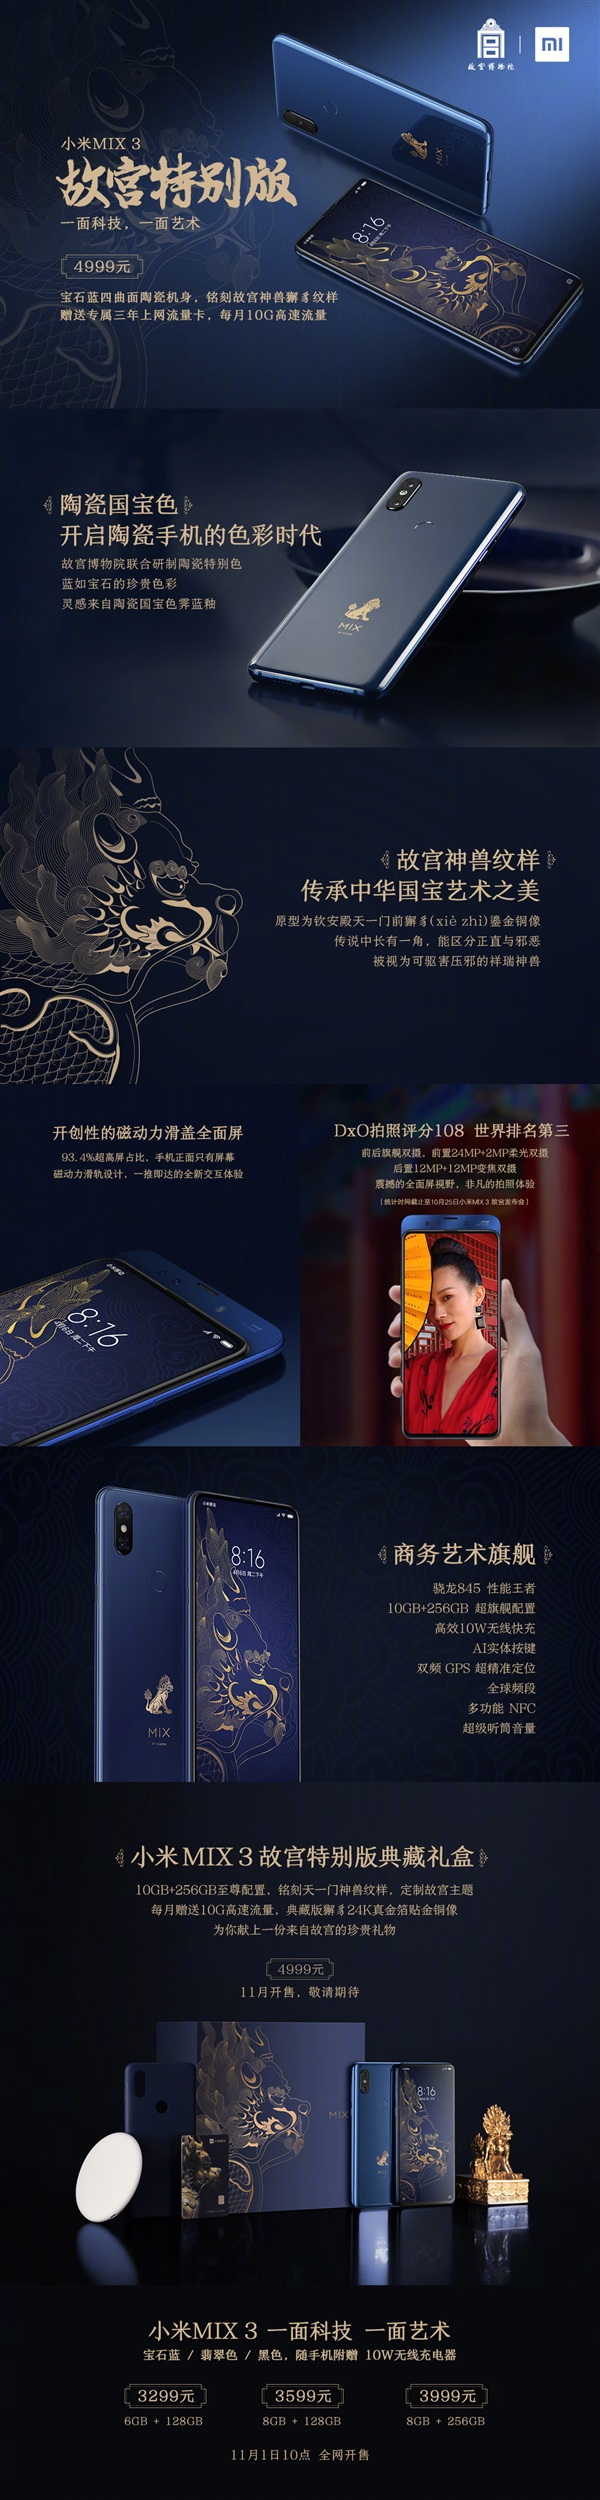 Xiaomi Mi MIX 3 Forbidden City Edition sẽ được bán vào tháng 12